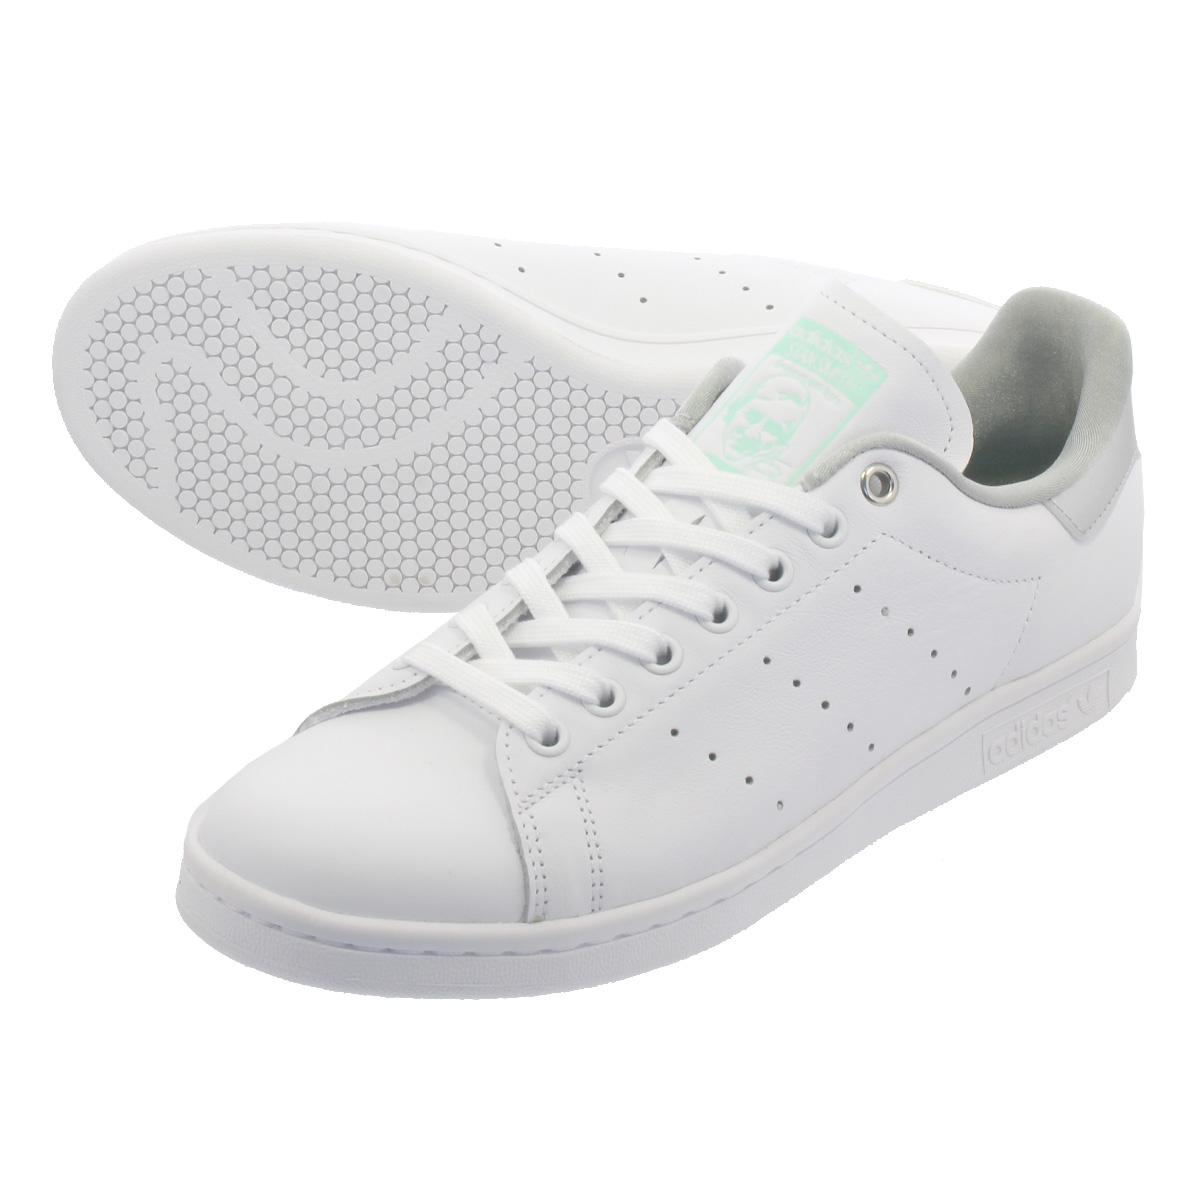 【大人気の女の子サイズ♪】 adidas STAN SMITH W アディダス スタンスミス W RUNNING WHITE/SILVER MET/CLEAR MINT g27907